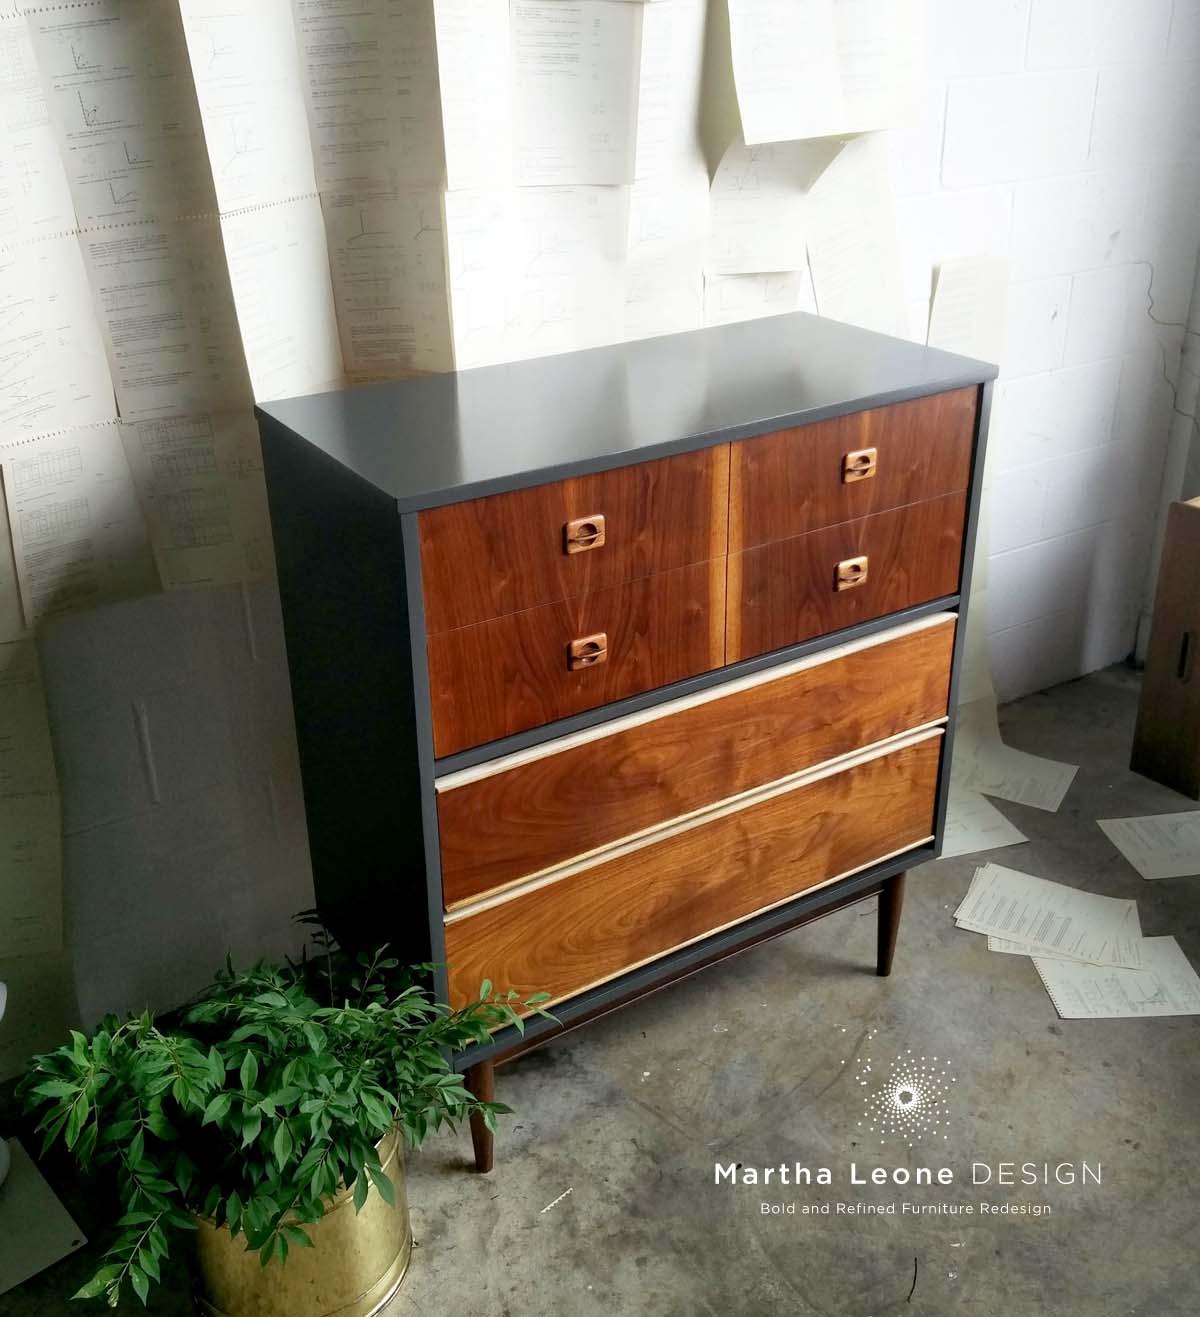 For    Sarah Heckler Design    — Client's nursery, South Carolina